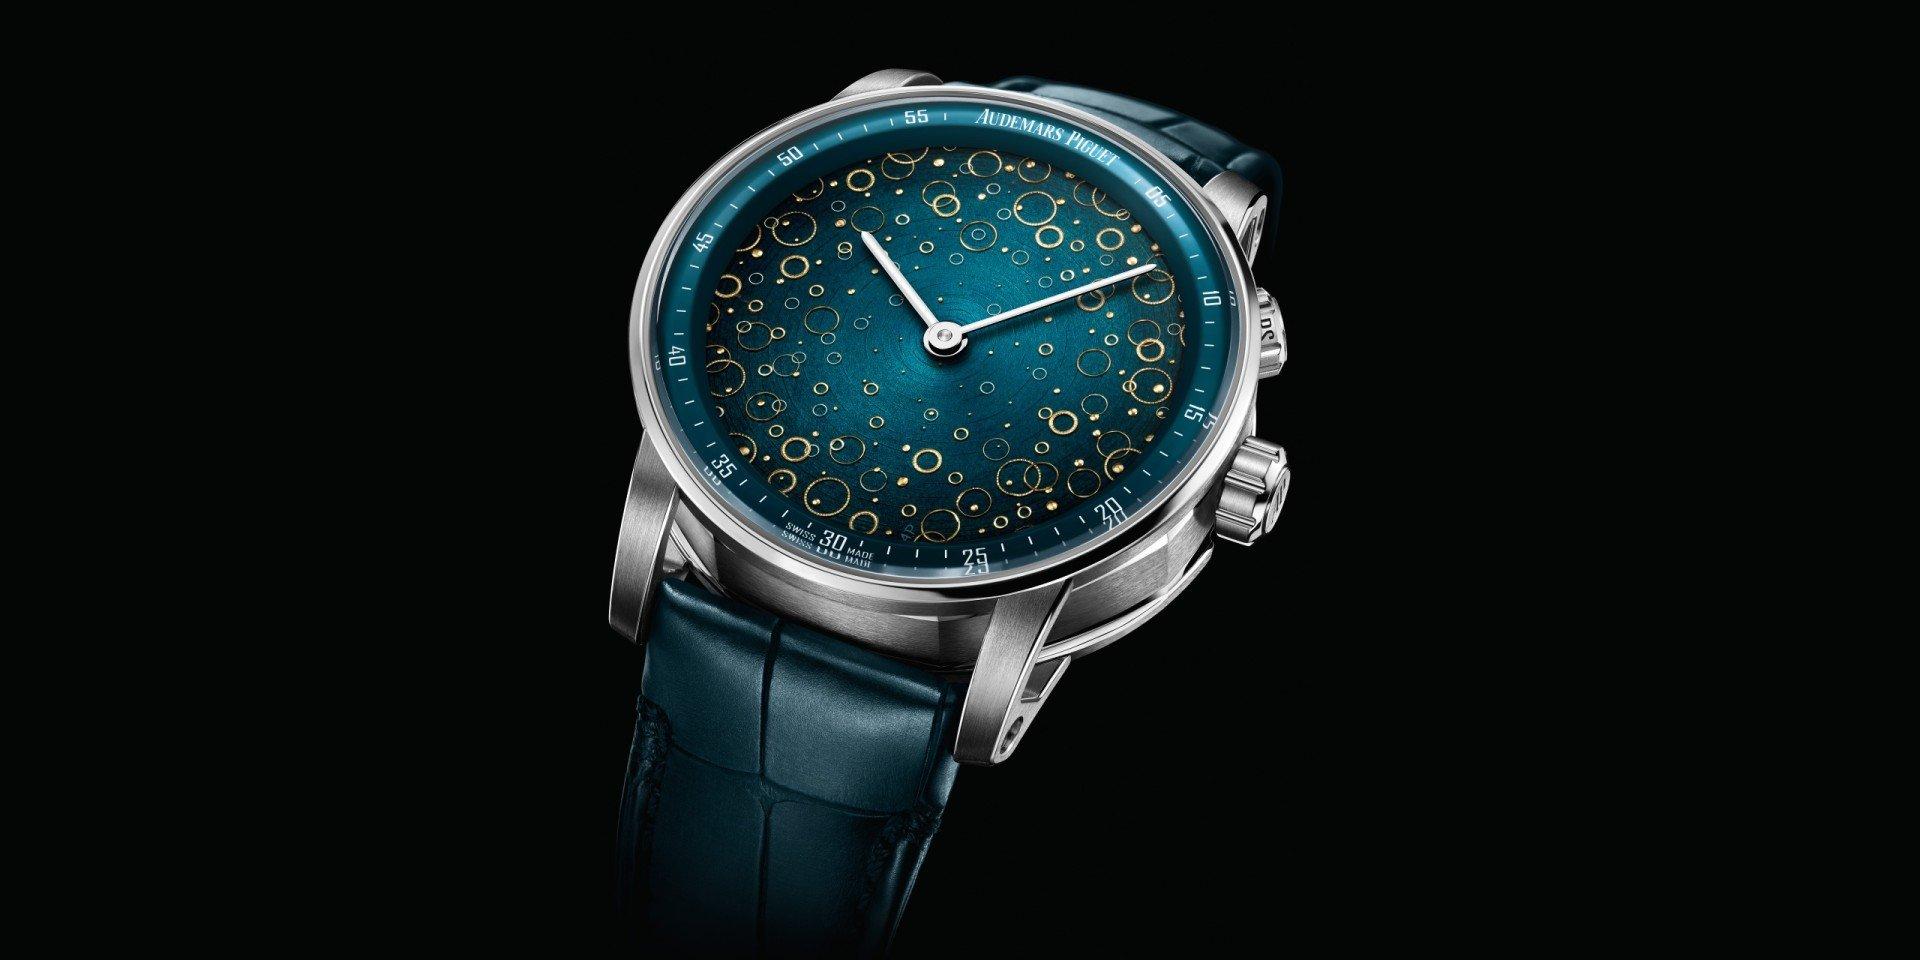 頂尖製錶工藝與獨一無二琺瑯錶面藝術:愛彼CODE 11.59系列大自鳴鐘樂超問錶